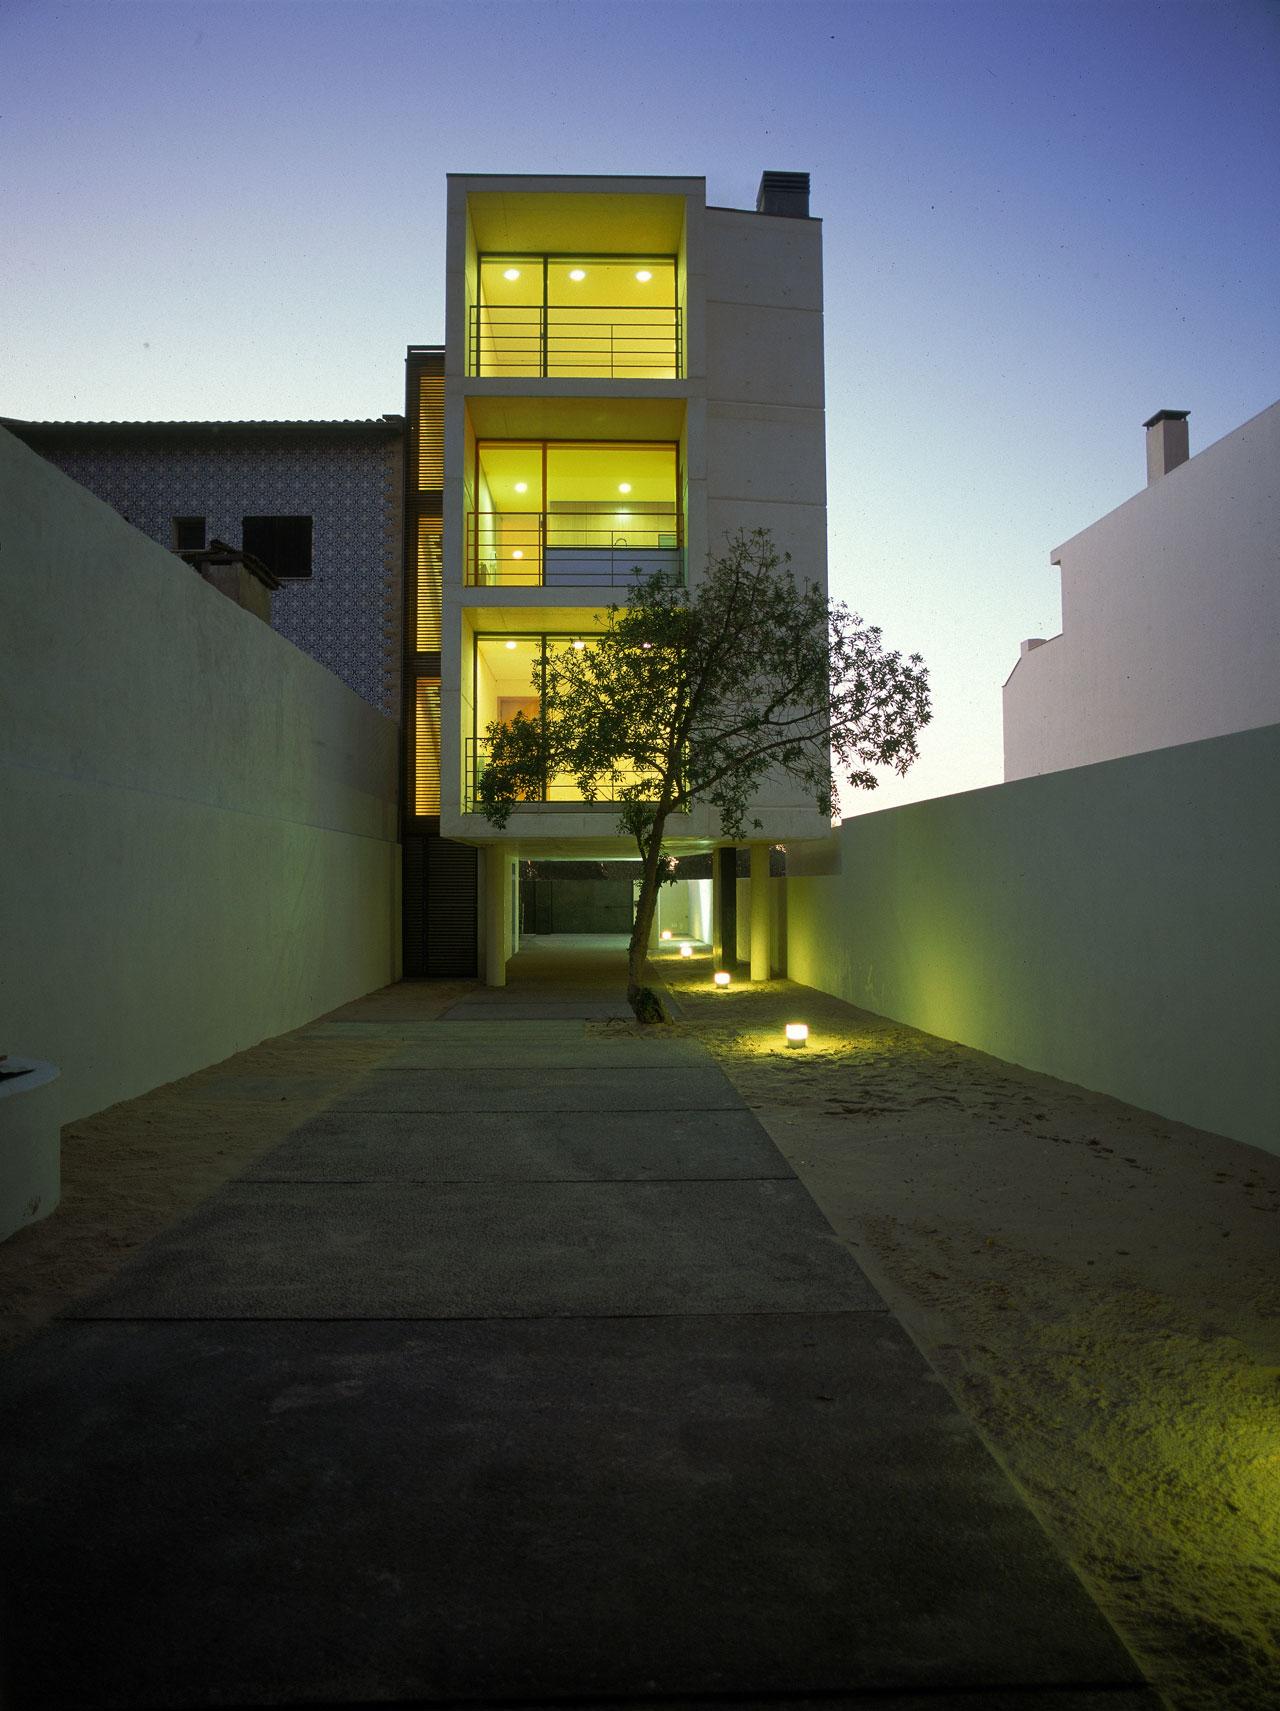 Casa na Costa Nova / Topos Atelier de Arquitectura, © Xavier Antunes